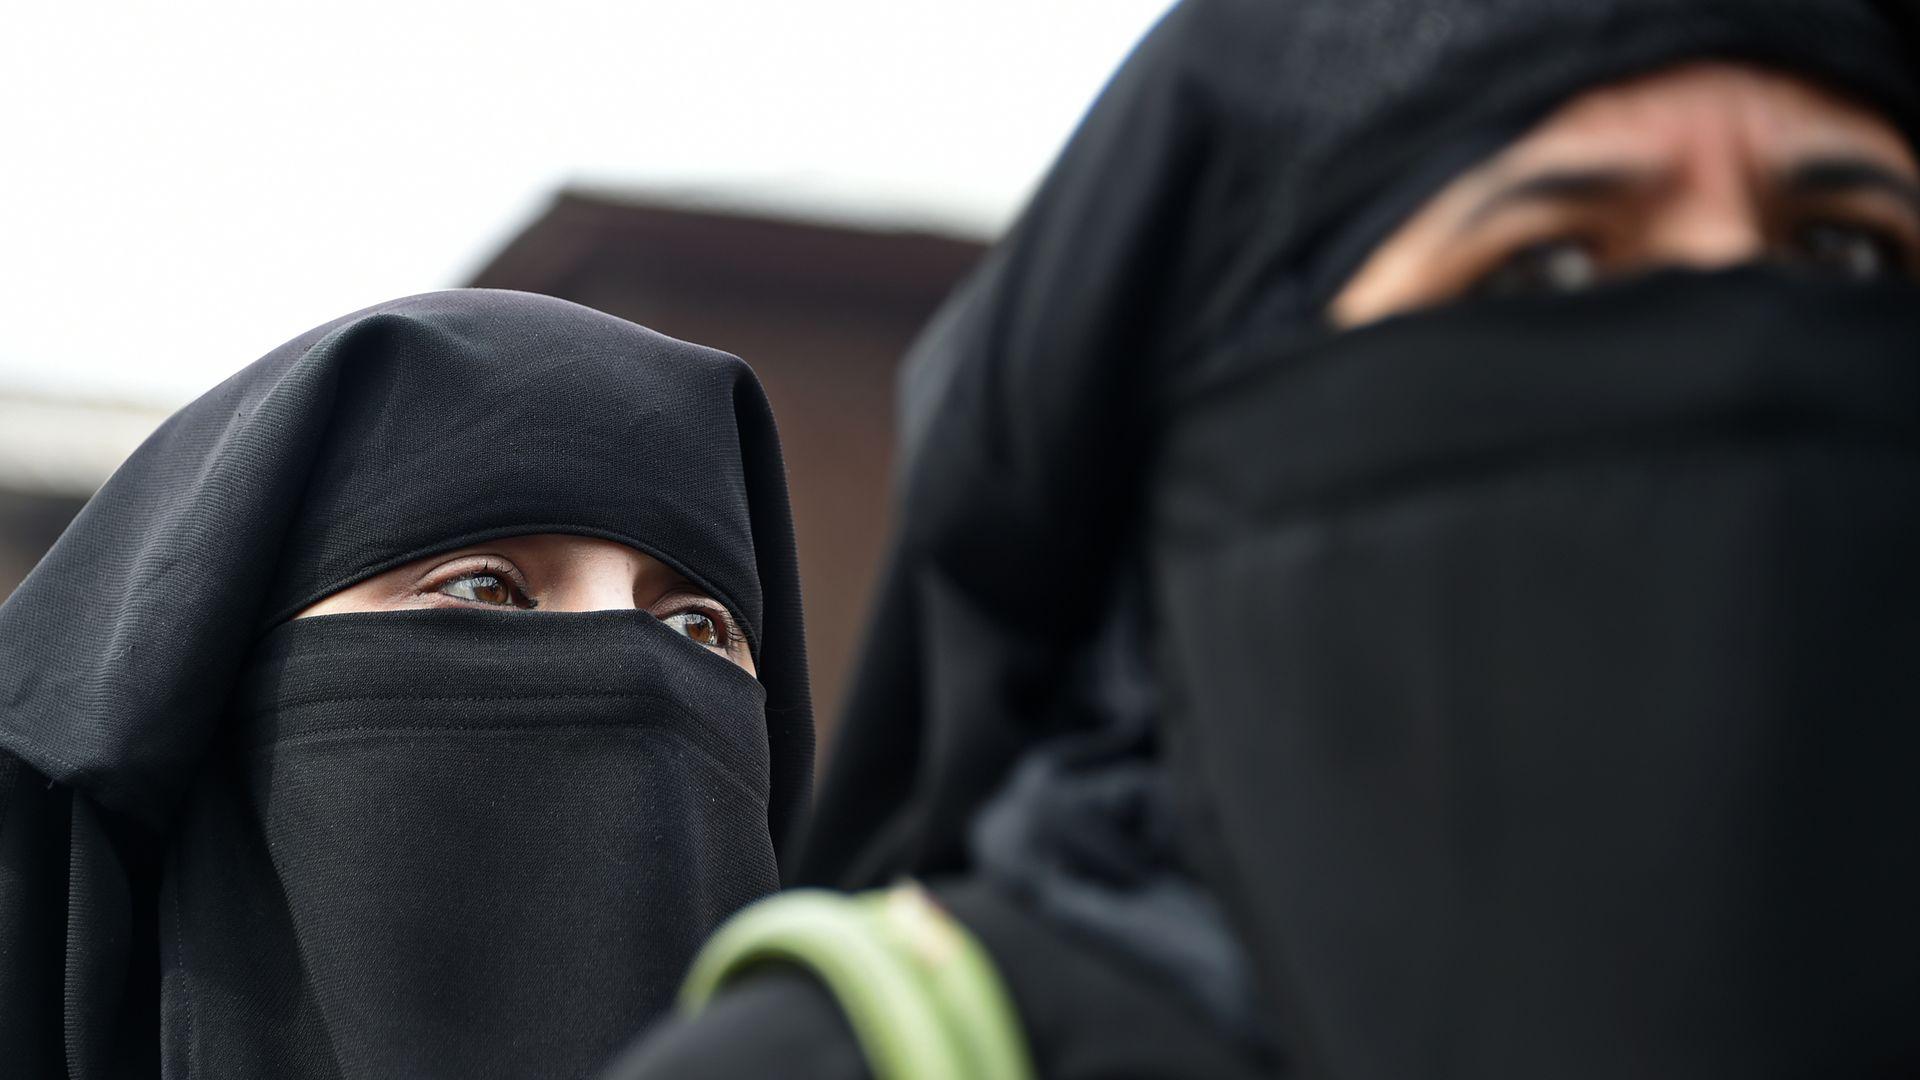 Women in traditional Muslim dress.